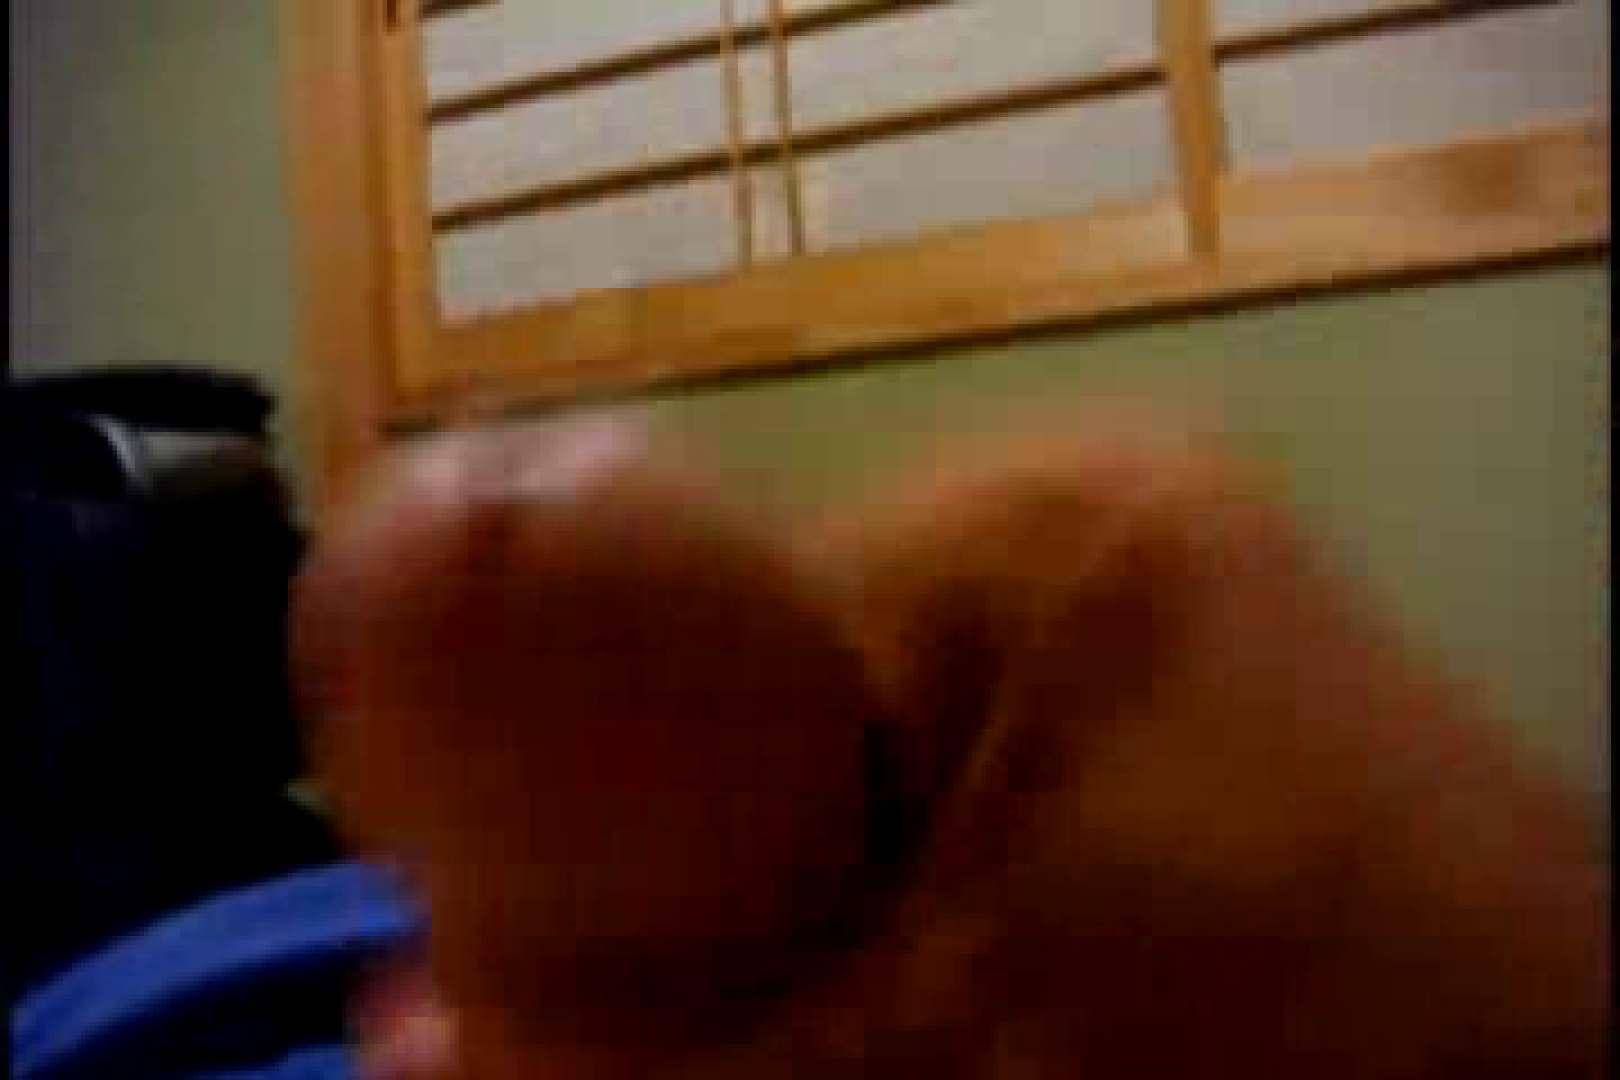 オナ好きノンケテニス部員の自画撮り投稿vol.02 流出  104pic 73